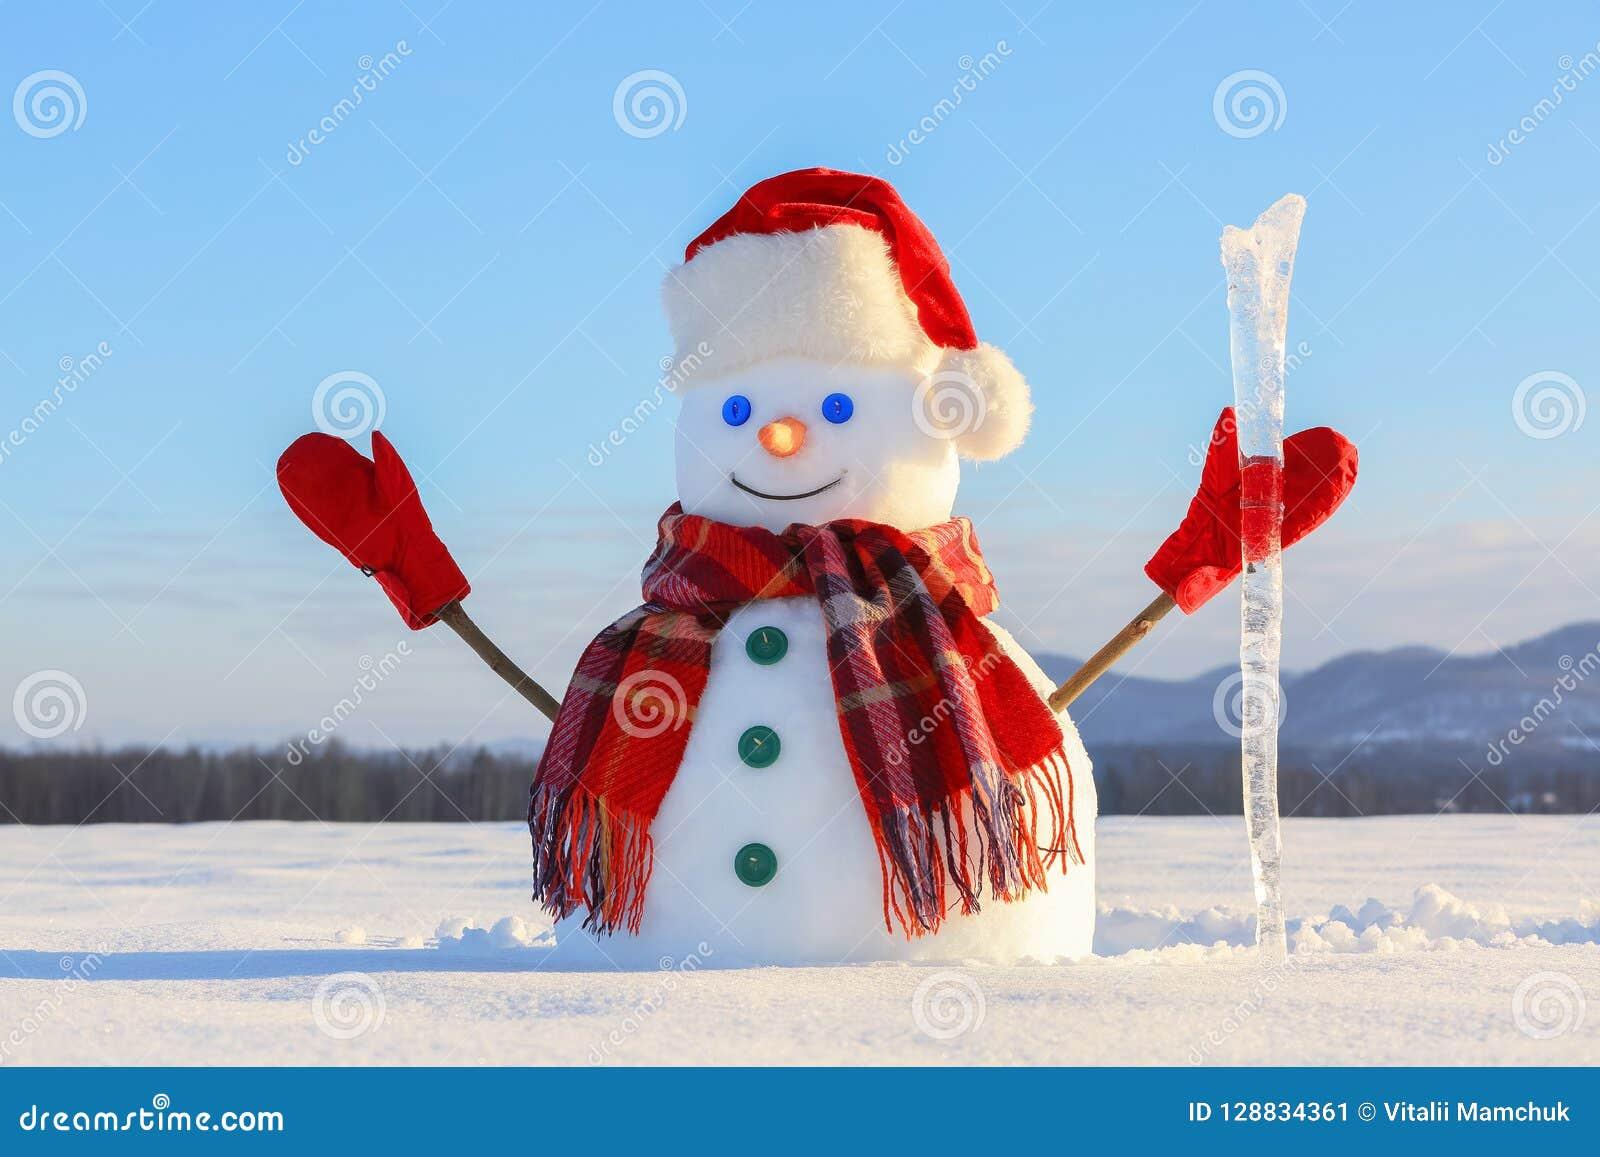 Błękit przyglądał się uśmiechniętego bałwanu w czerwonym kapeluszu, rękawiczki i szkocka krata szalik trzyma sopel w ręce Radosny